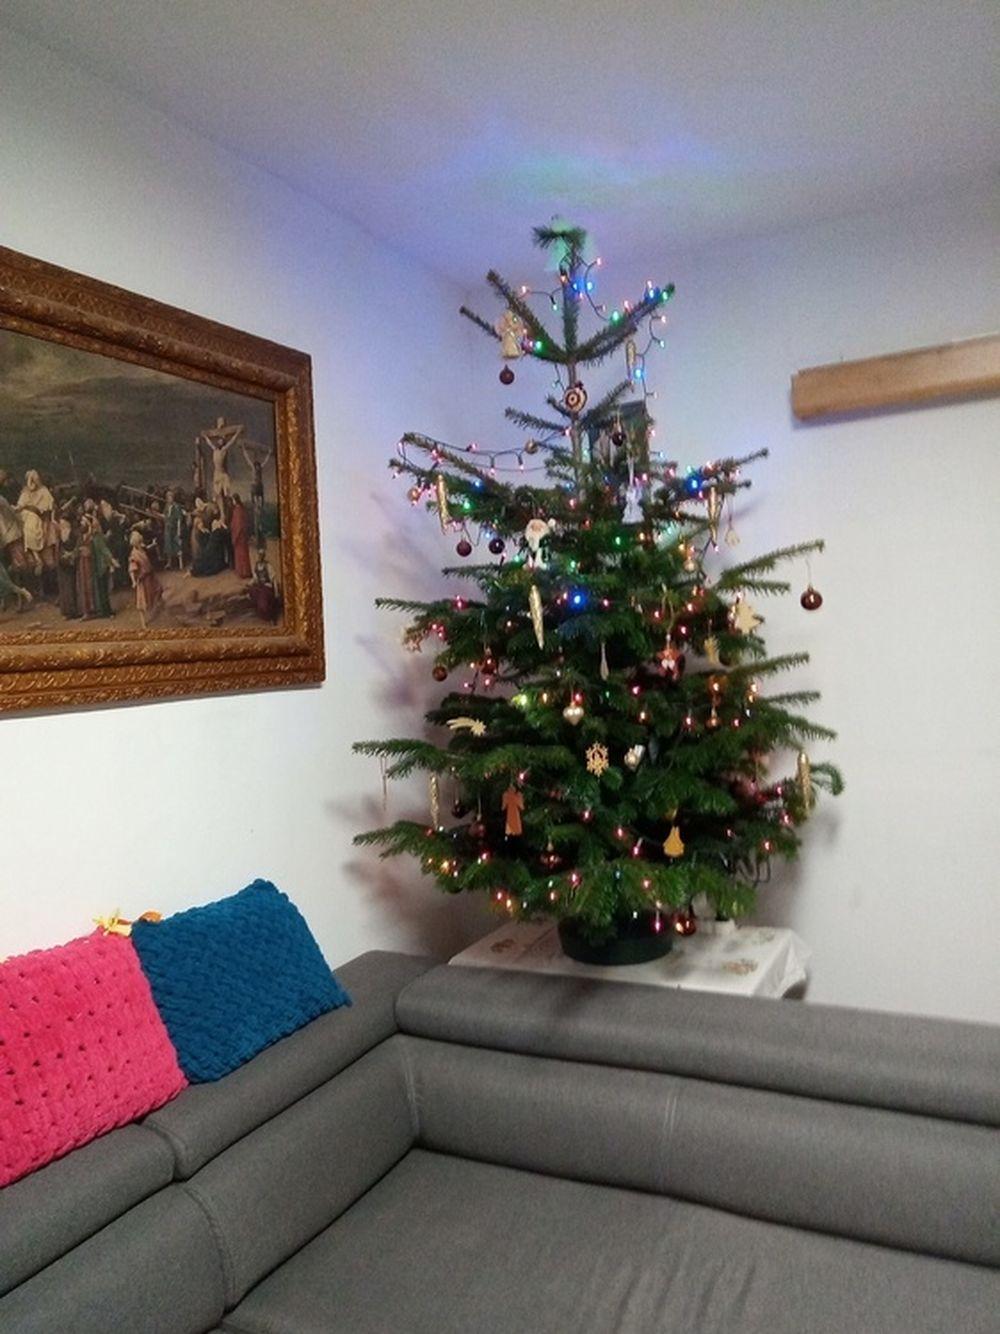 FOTO: Vianočné stromčeky v Žiline - výber fotografií našich čitateľov, foto 25